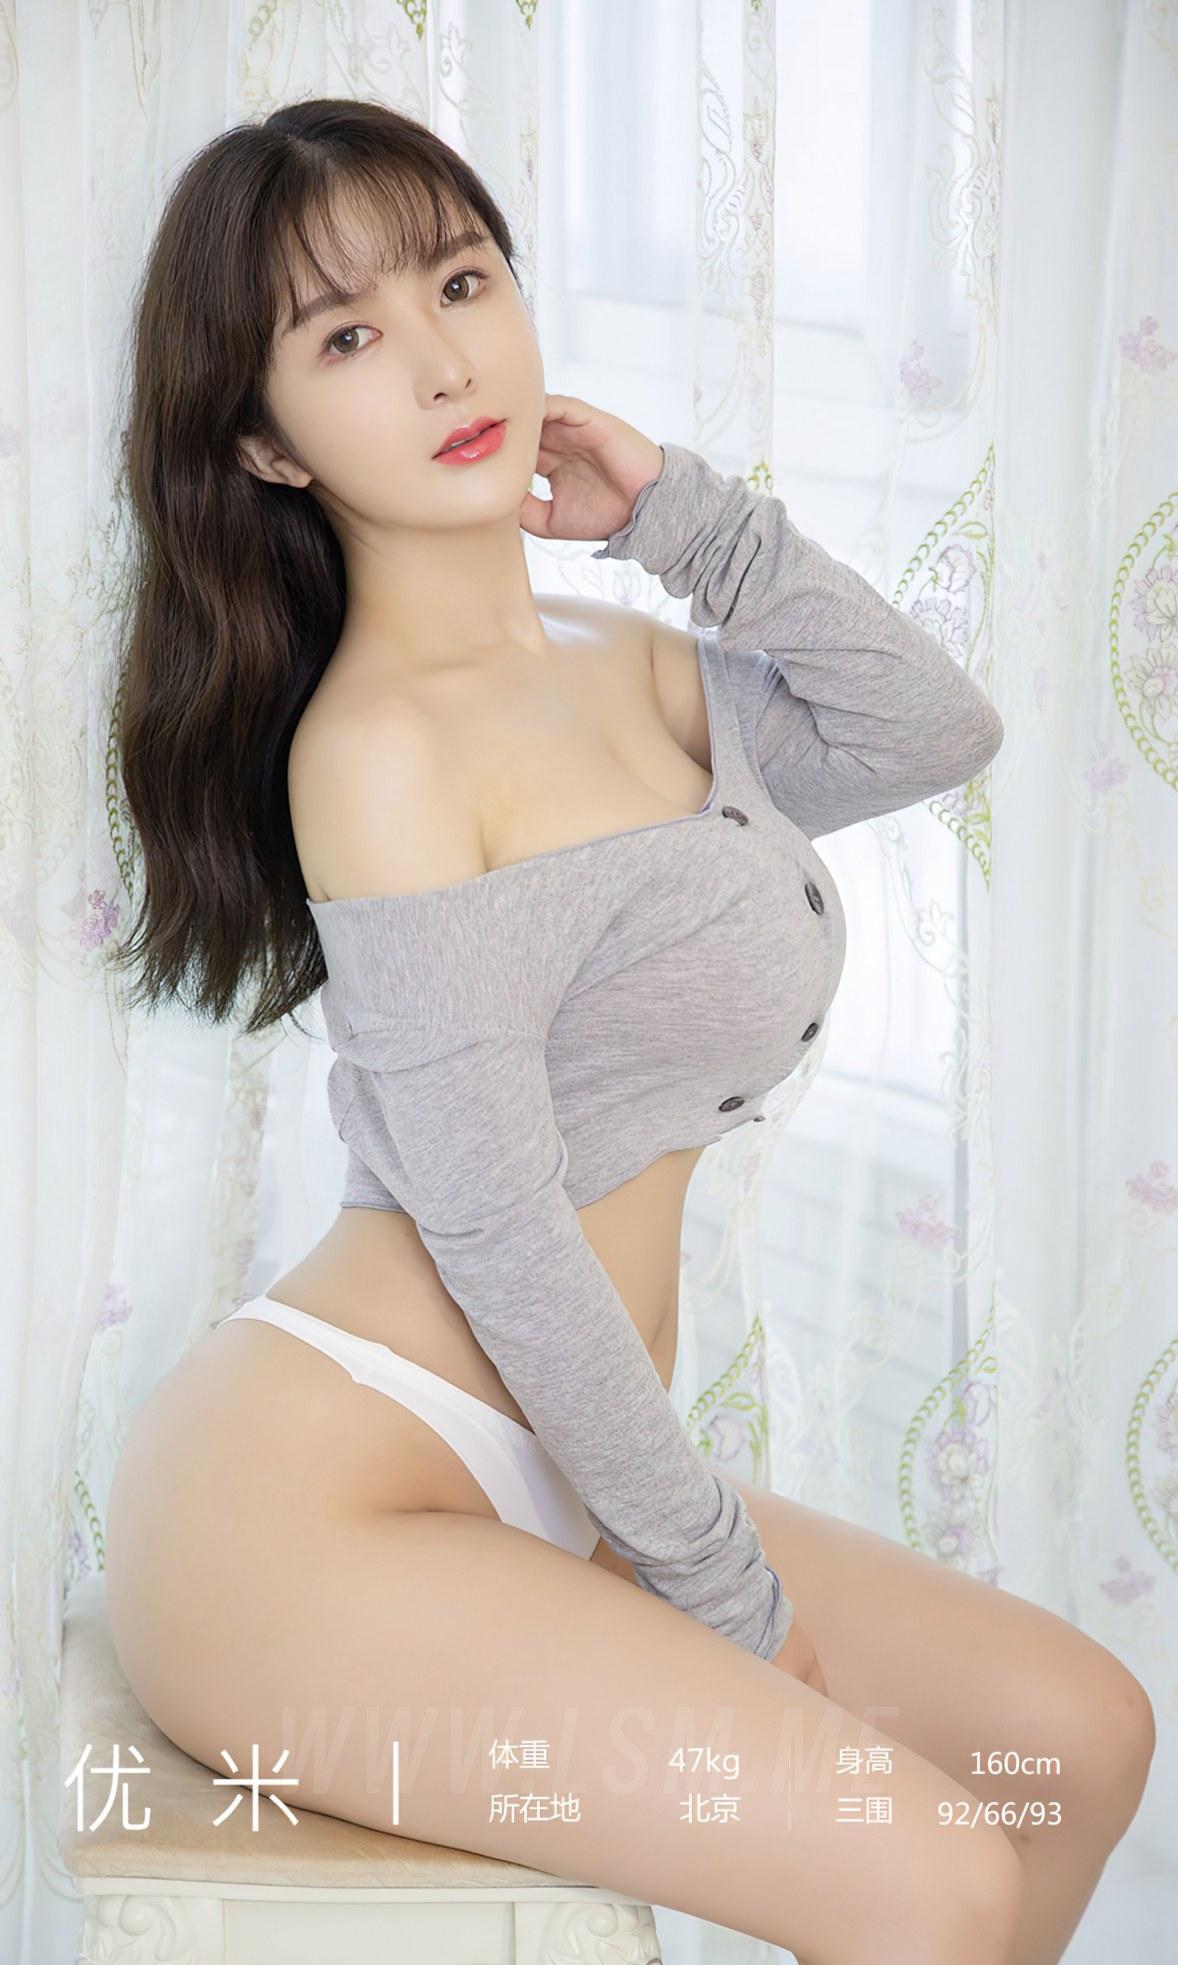 UGirls 爱尤物 No.2188  优米 甜妹计划 - 3